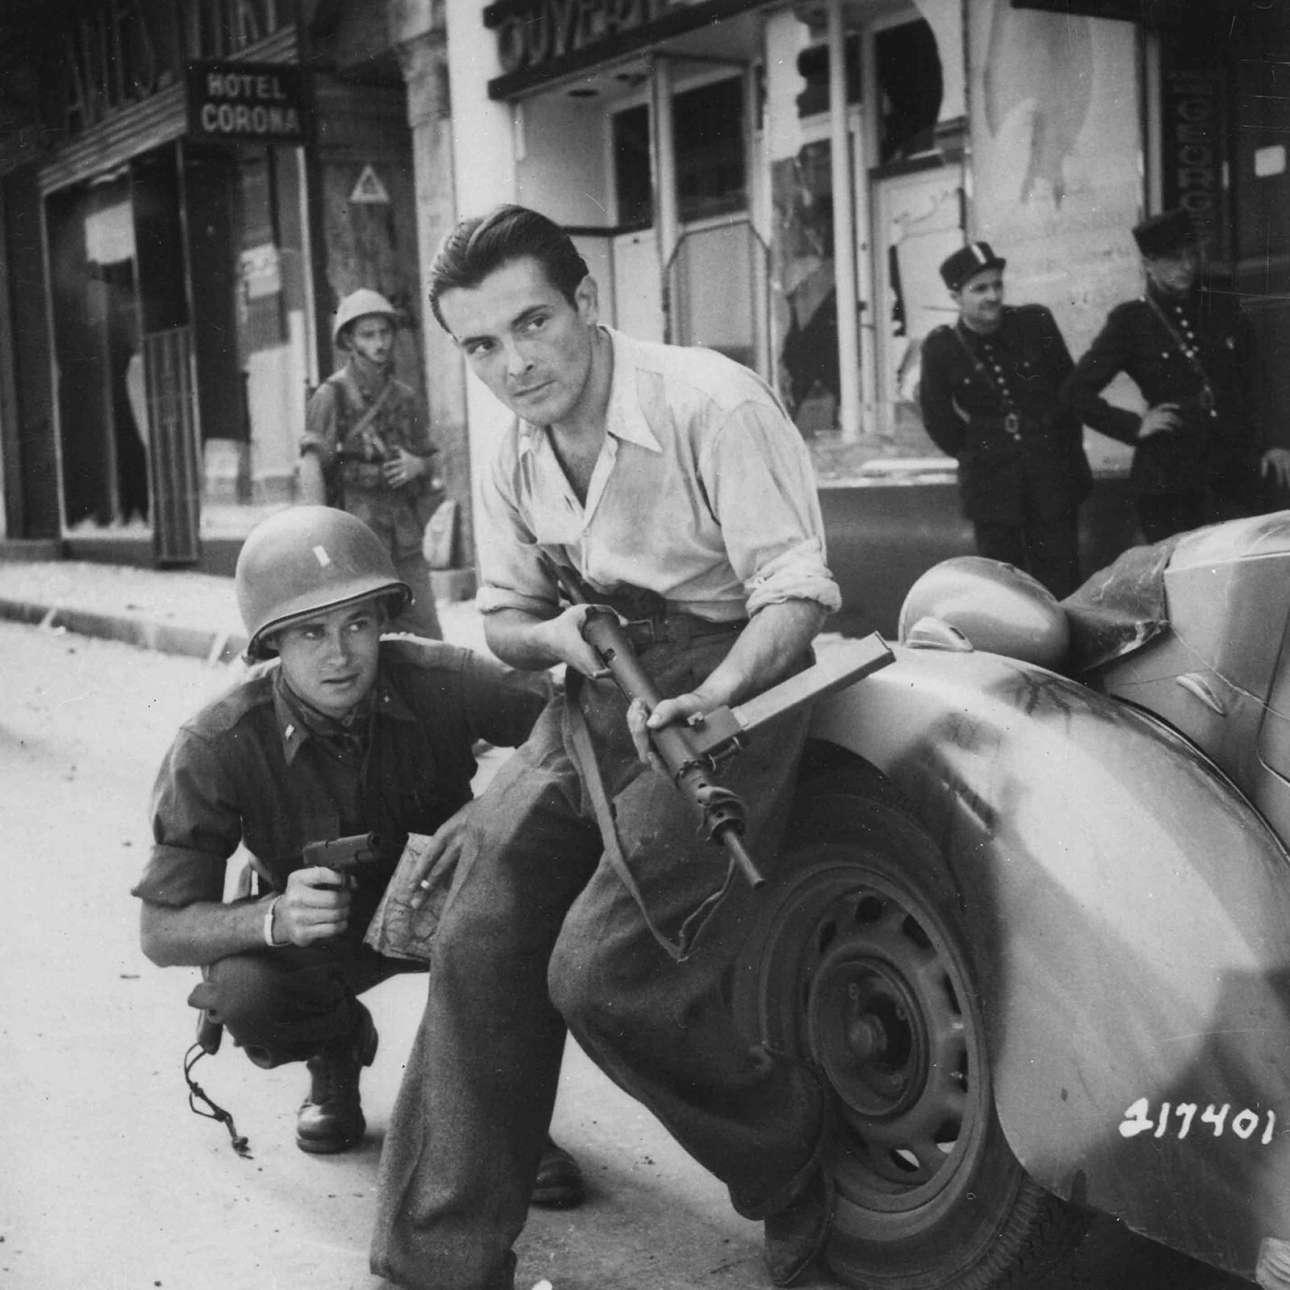 Καλοκαίρι 1944, Γαλλία: ο γάλλος παρτιζάνος κρατά το αυτόματο και ο αμερικανός αξιωματικός το πιστόλι